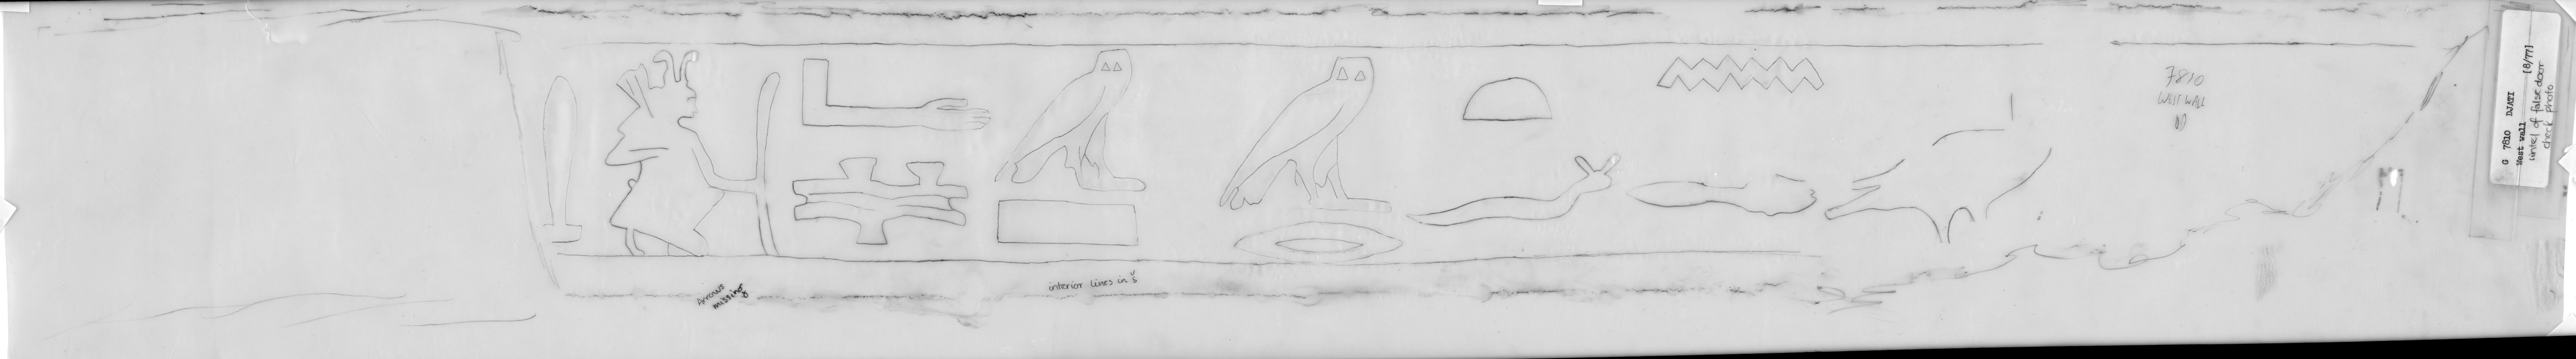 Drawings: G 7810, false door lintel